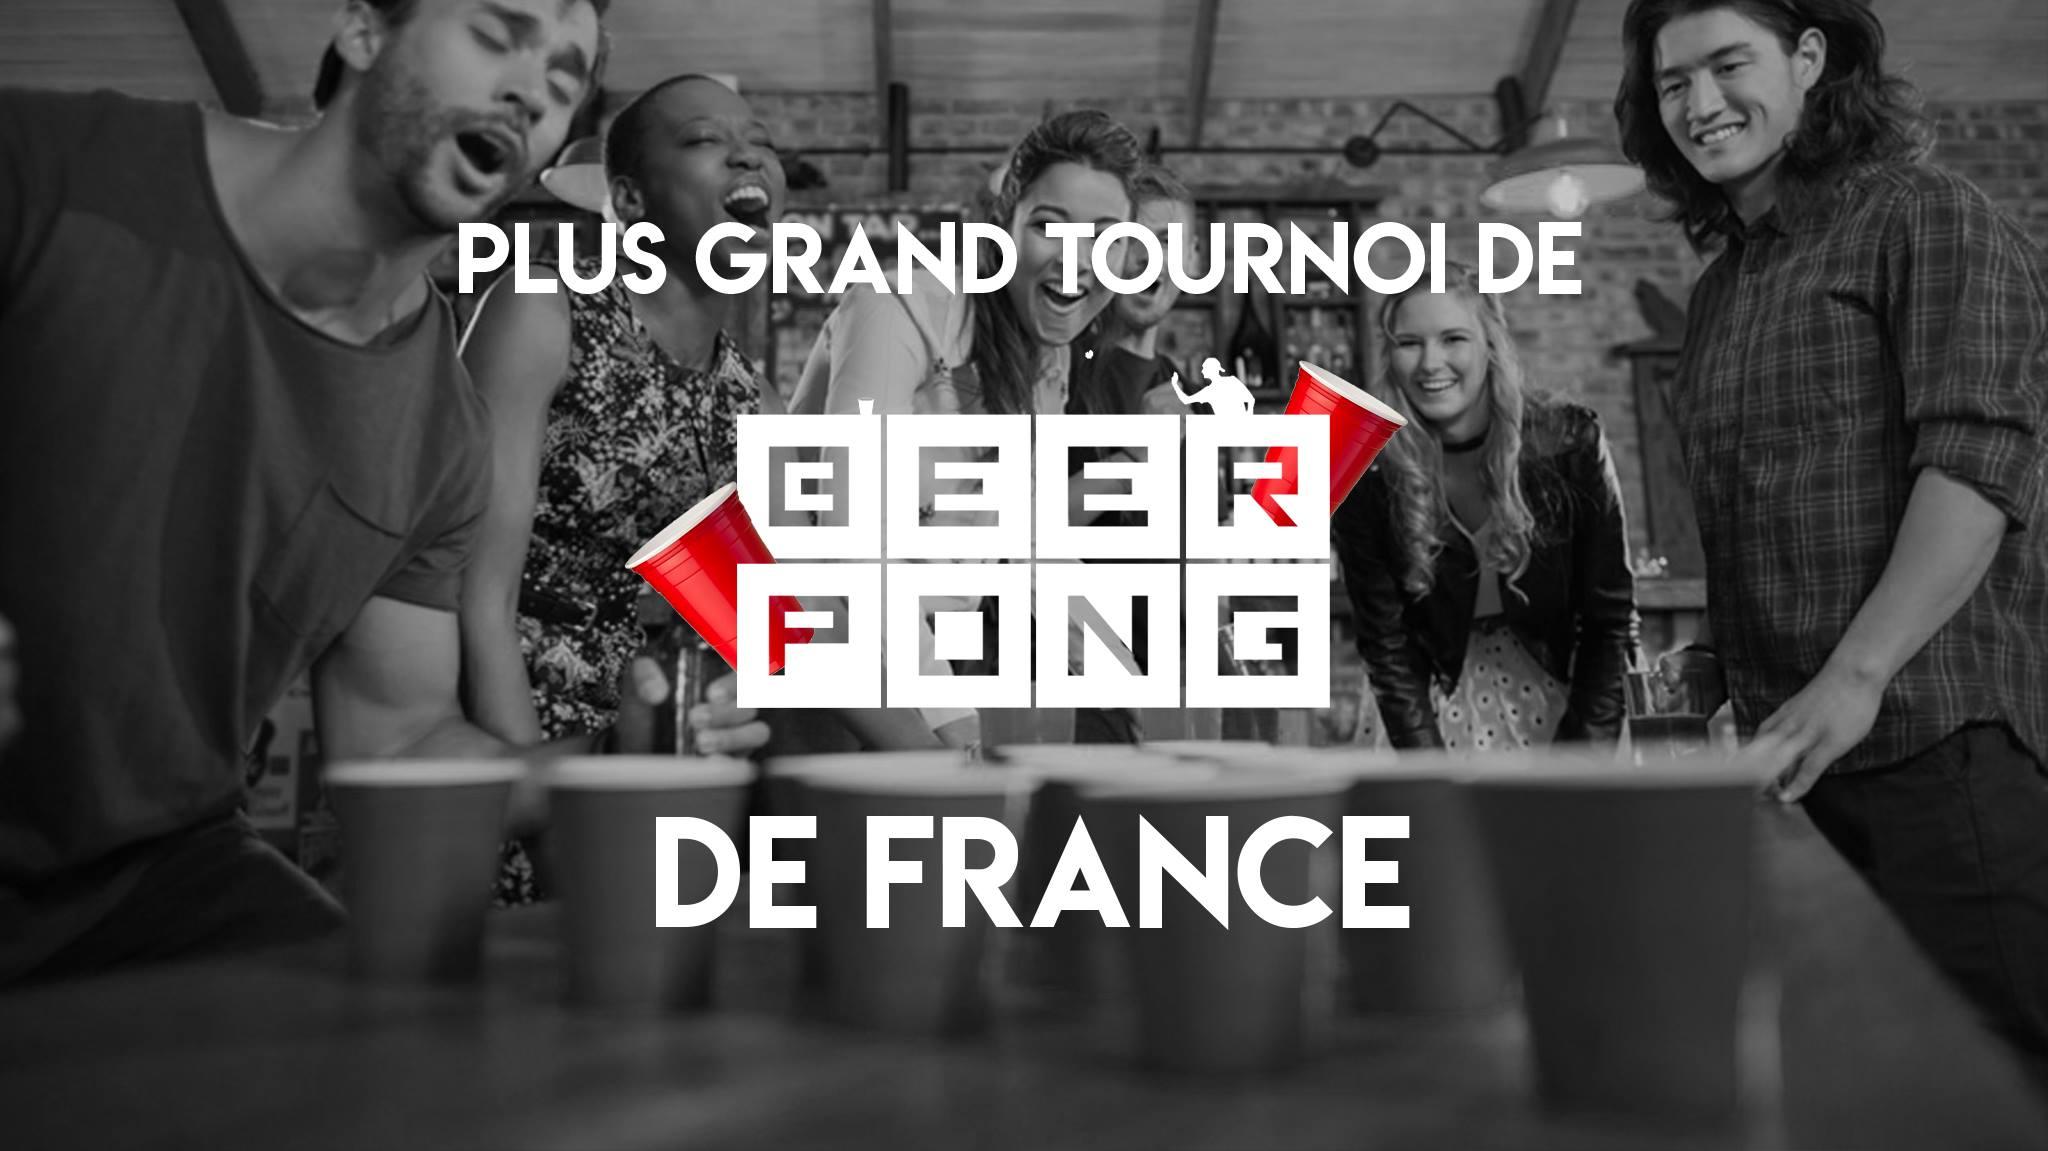 Tournoi de Beer pong